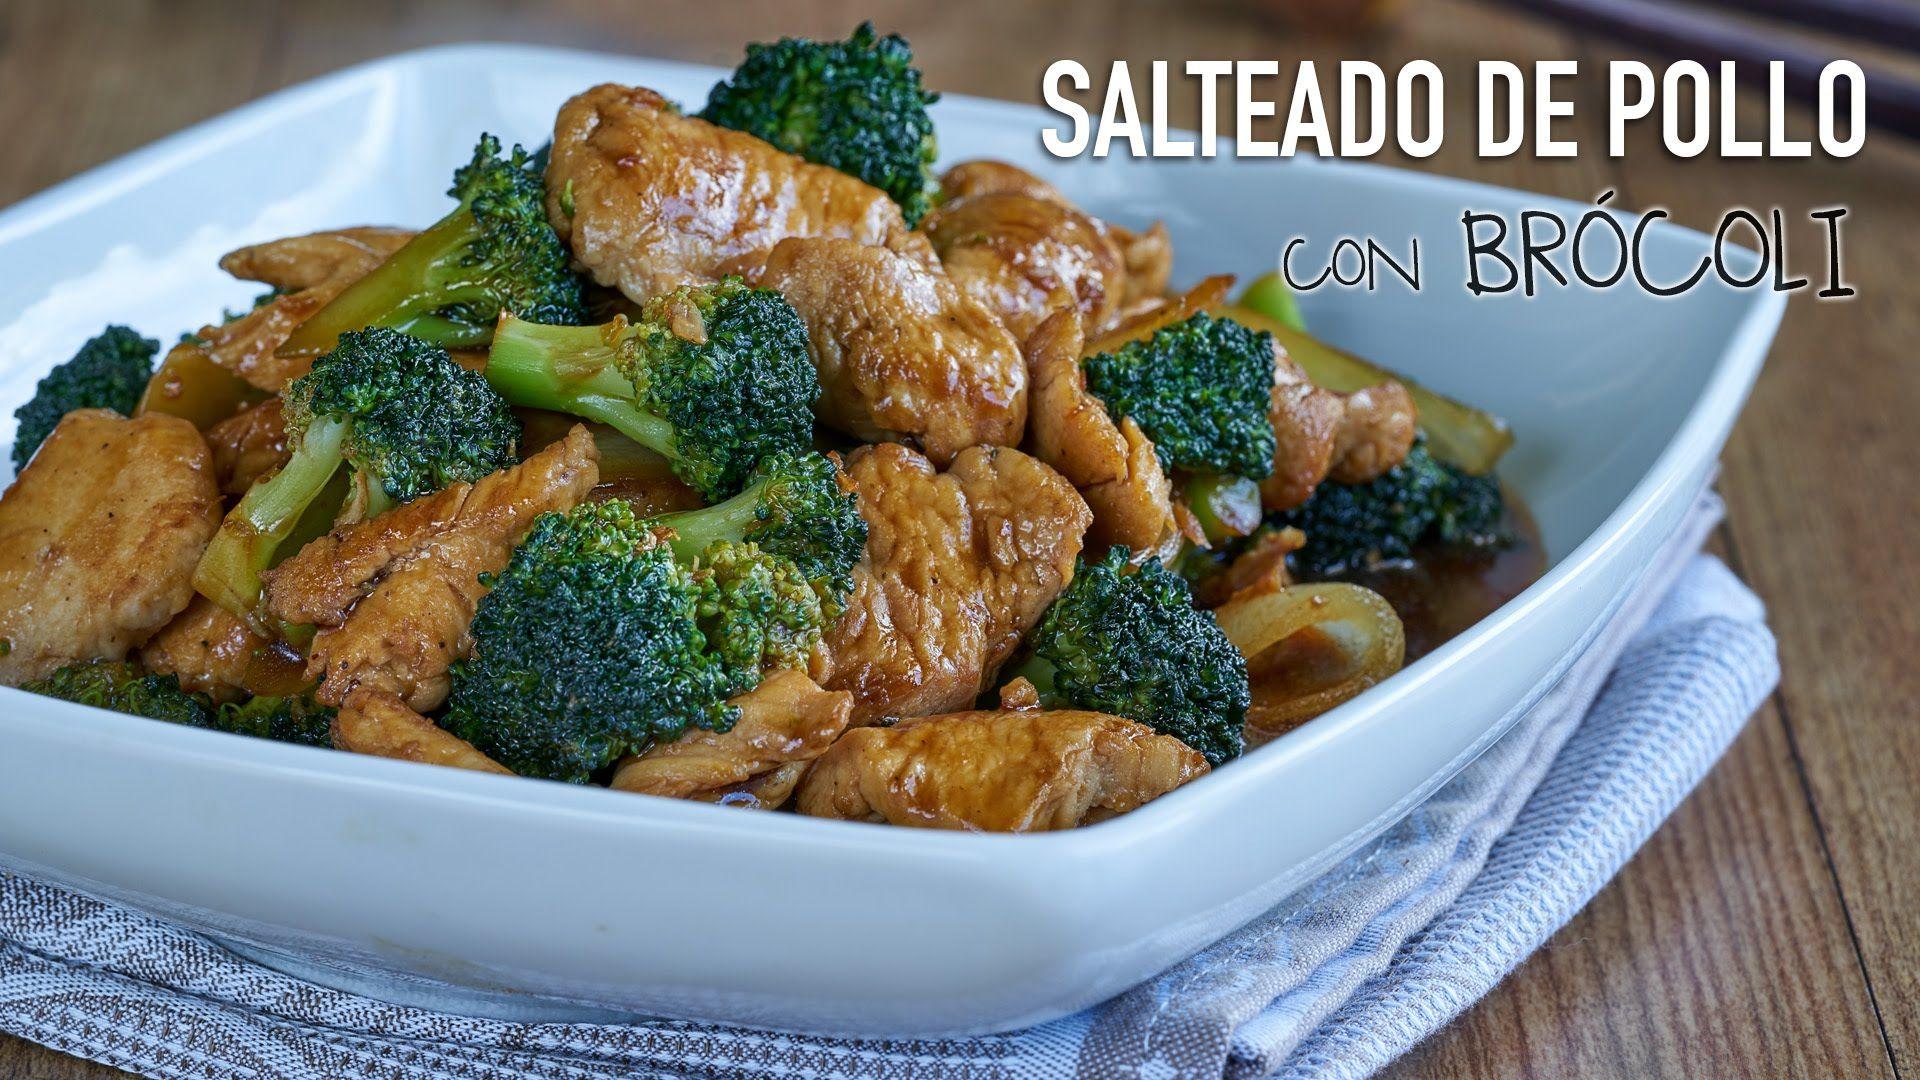 Salteado de pollo con brcoli chicken with broccoli stir fry salteado de pollo con brcoli chicken with broccoli stir fry recipe forumfinder Gallery